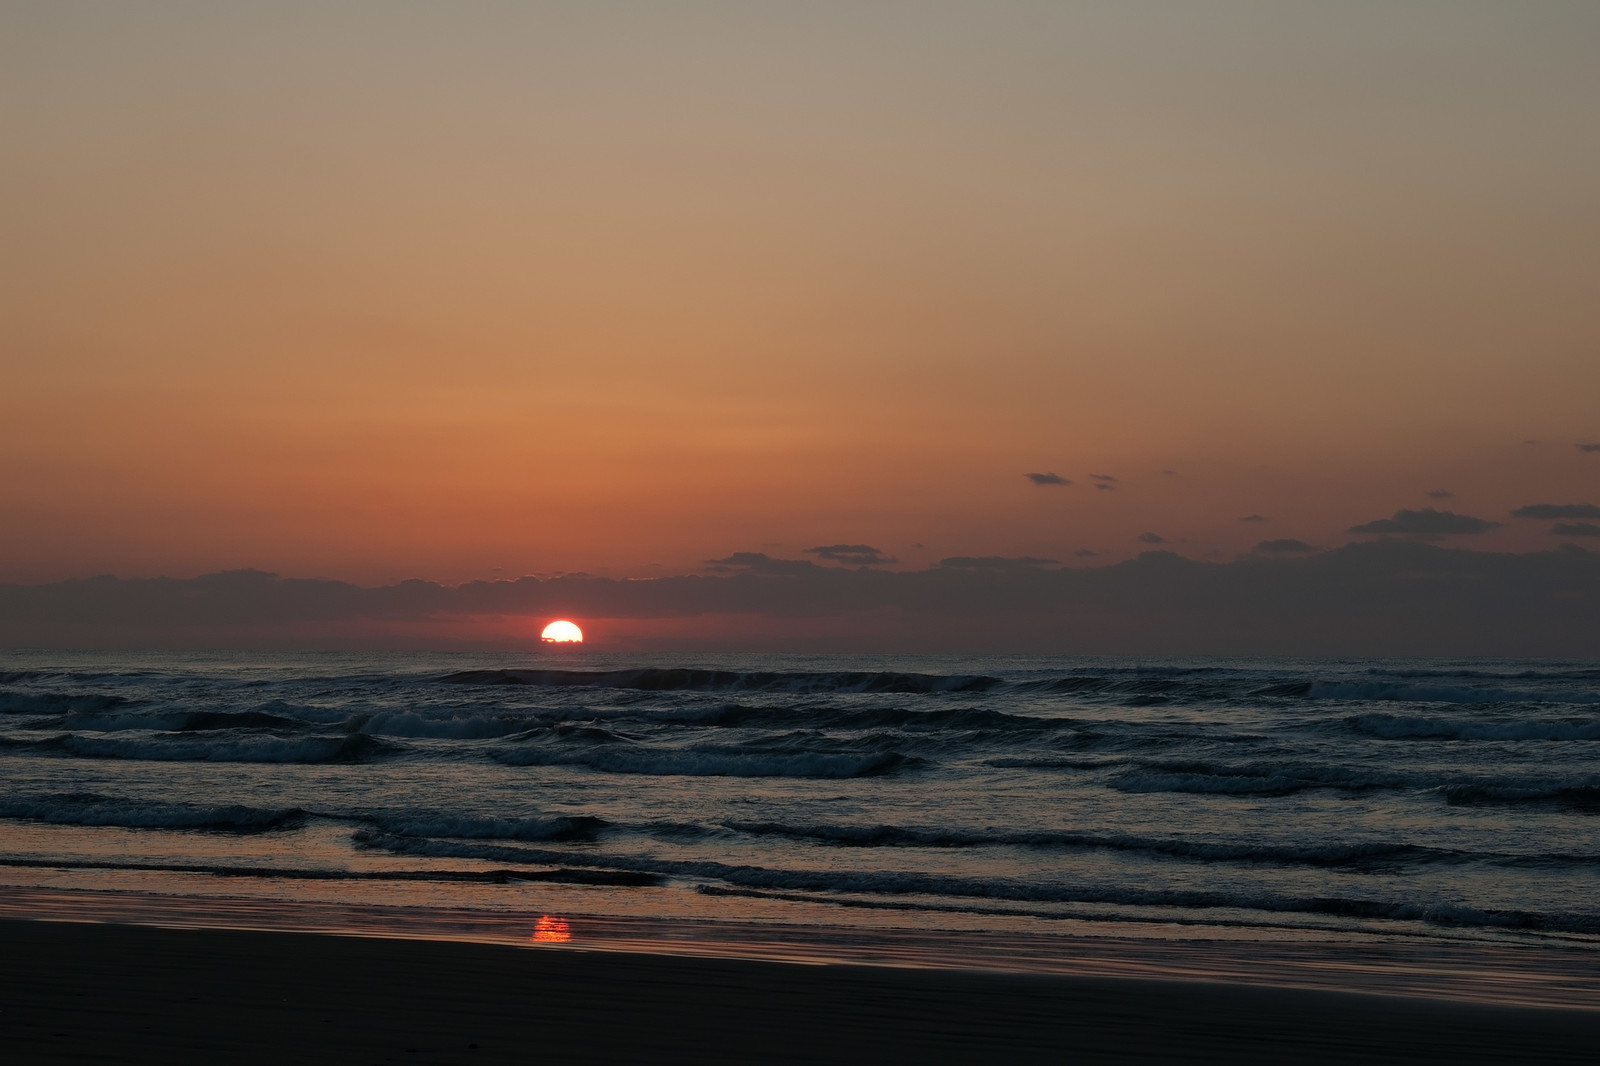 「千里浜なぎさドライブウェイからの夕焼け千里浜なぎさドライブウェイからの夕焼け」のフリー写真素材を拡大